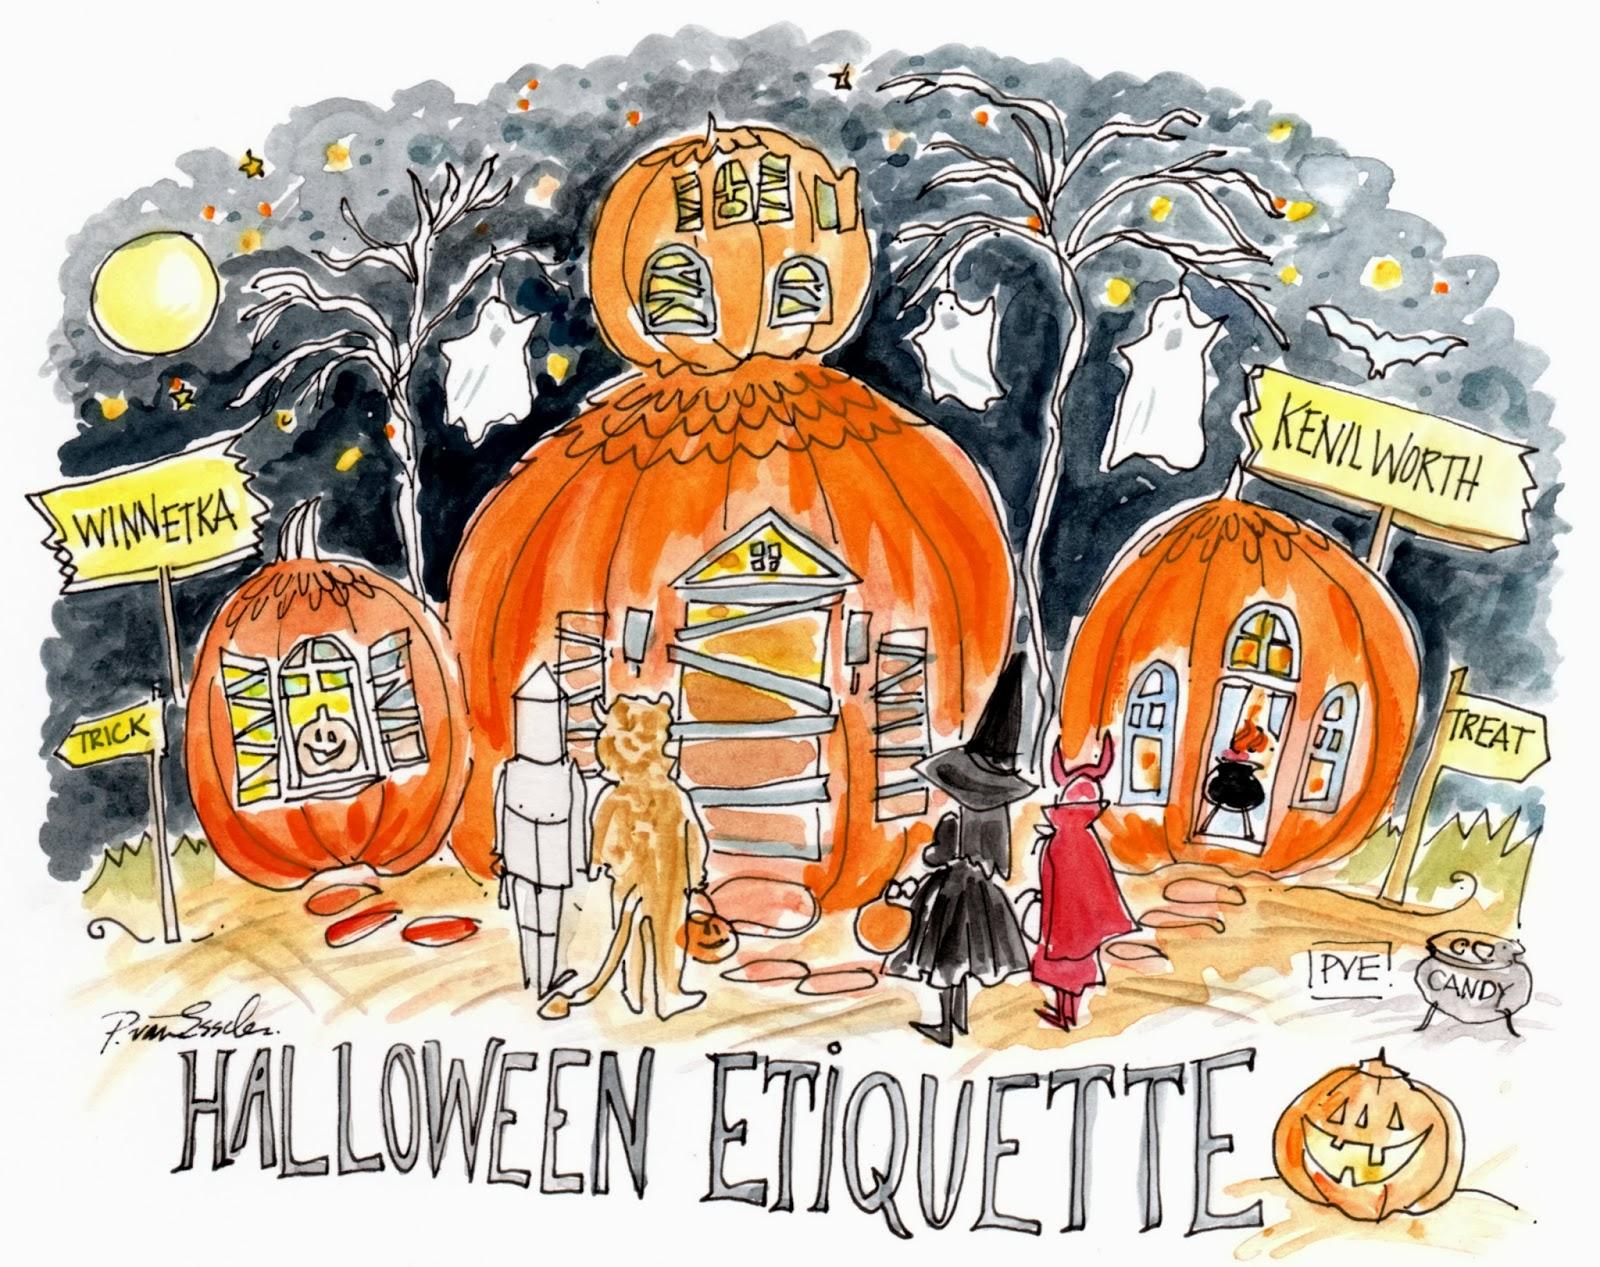 pve: Halloween Etiquette